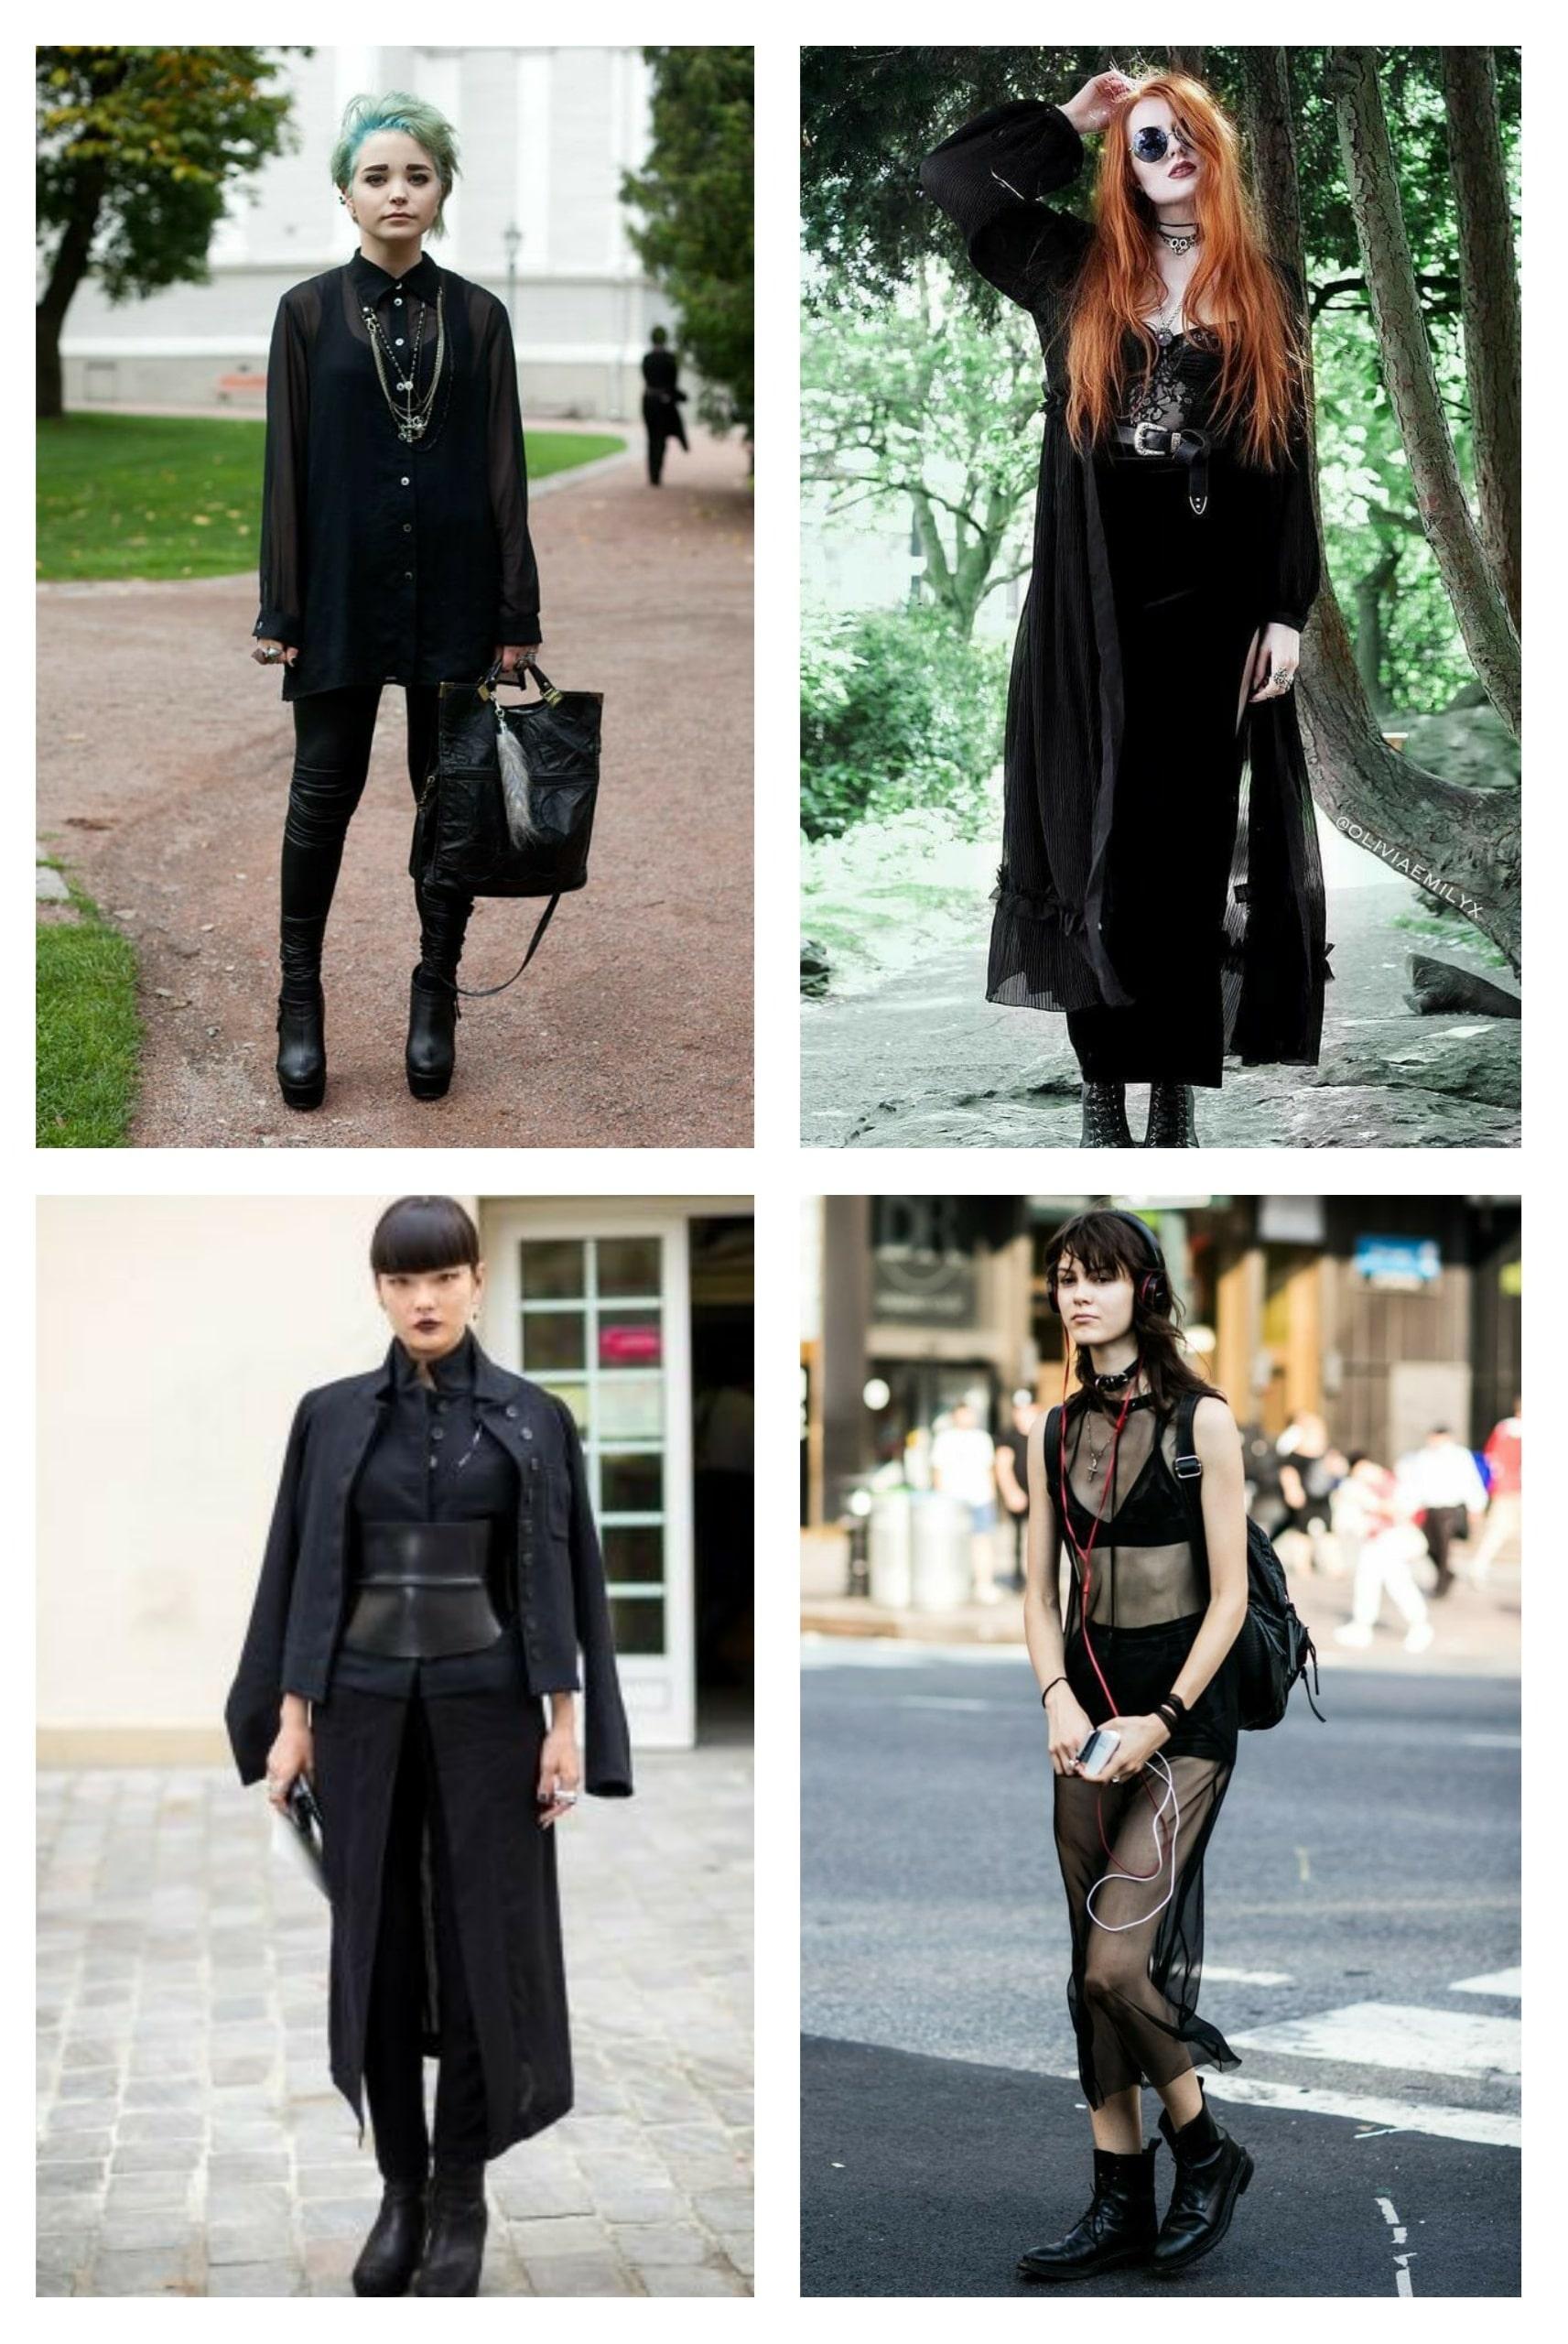 style vestimentaire femme gothique